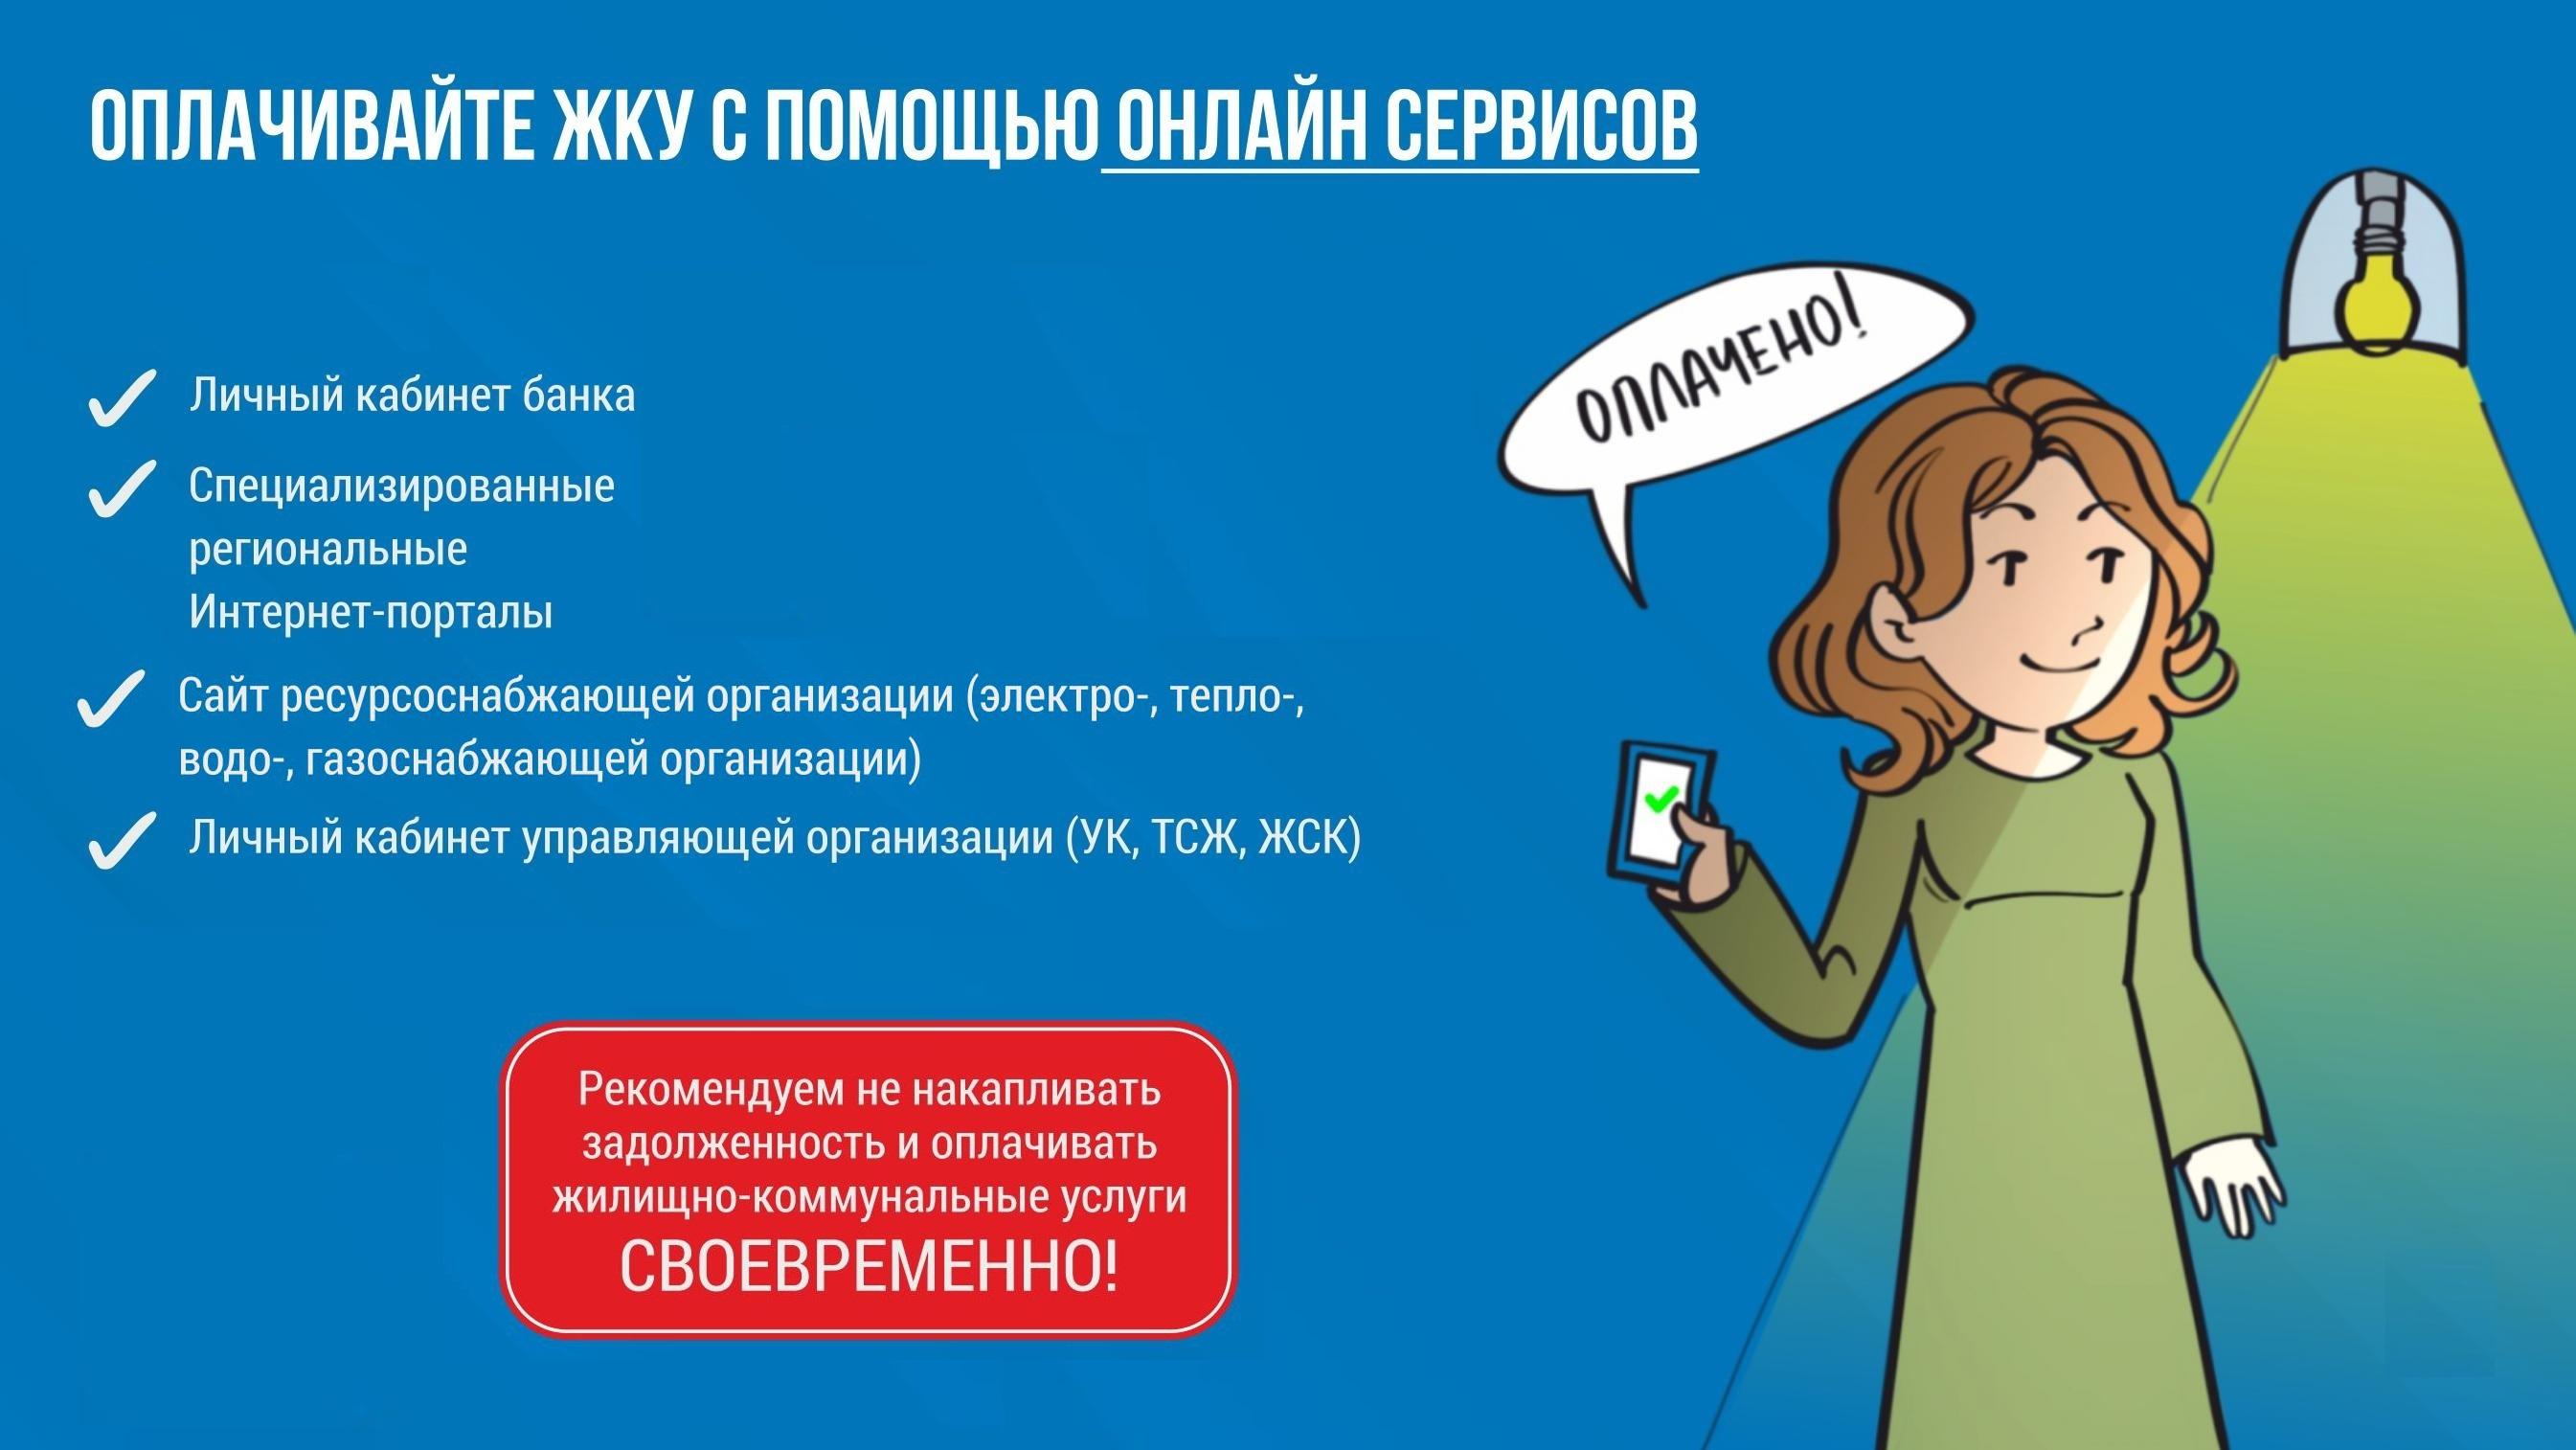 banner oplata zhkh pri covid